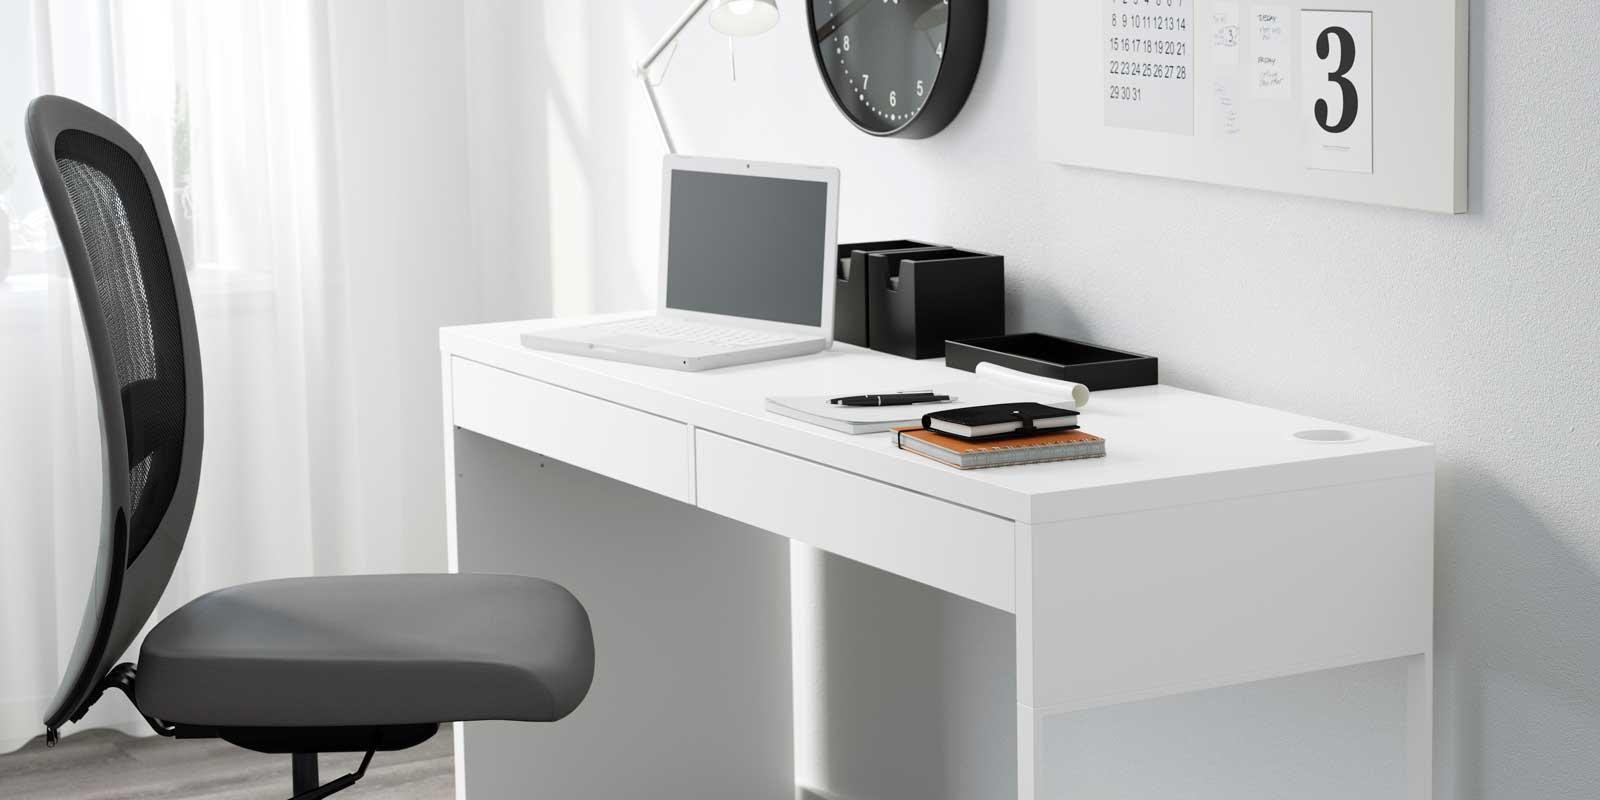 Scrivania Con Cassettiera Ikea scrivania per la cameretta o lo studio: 16 modelli comodi e